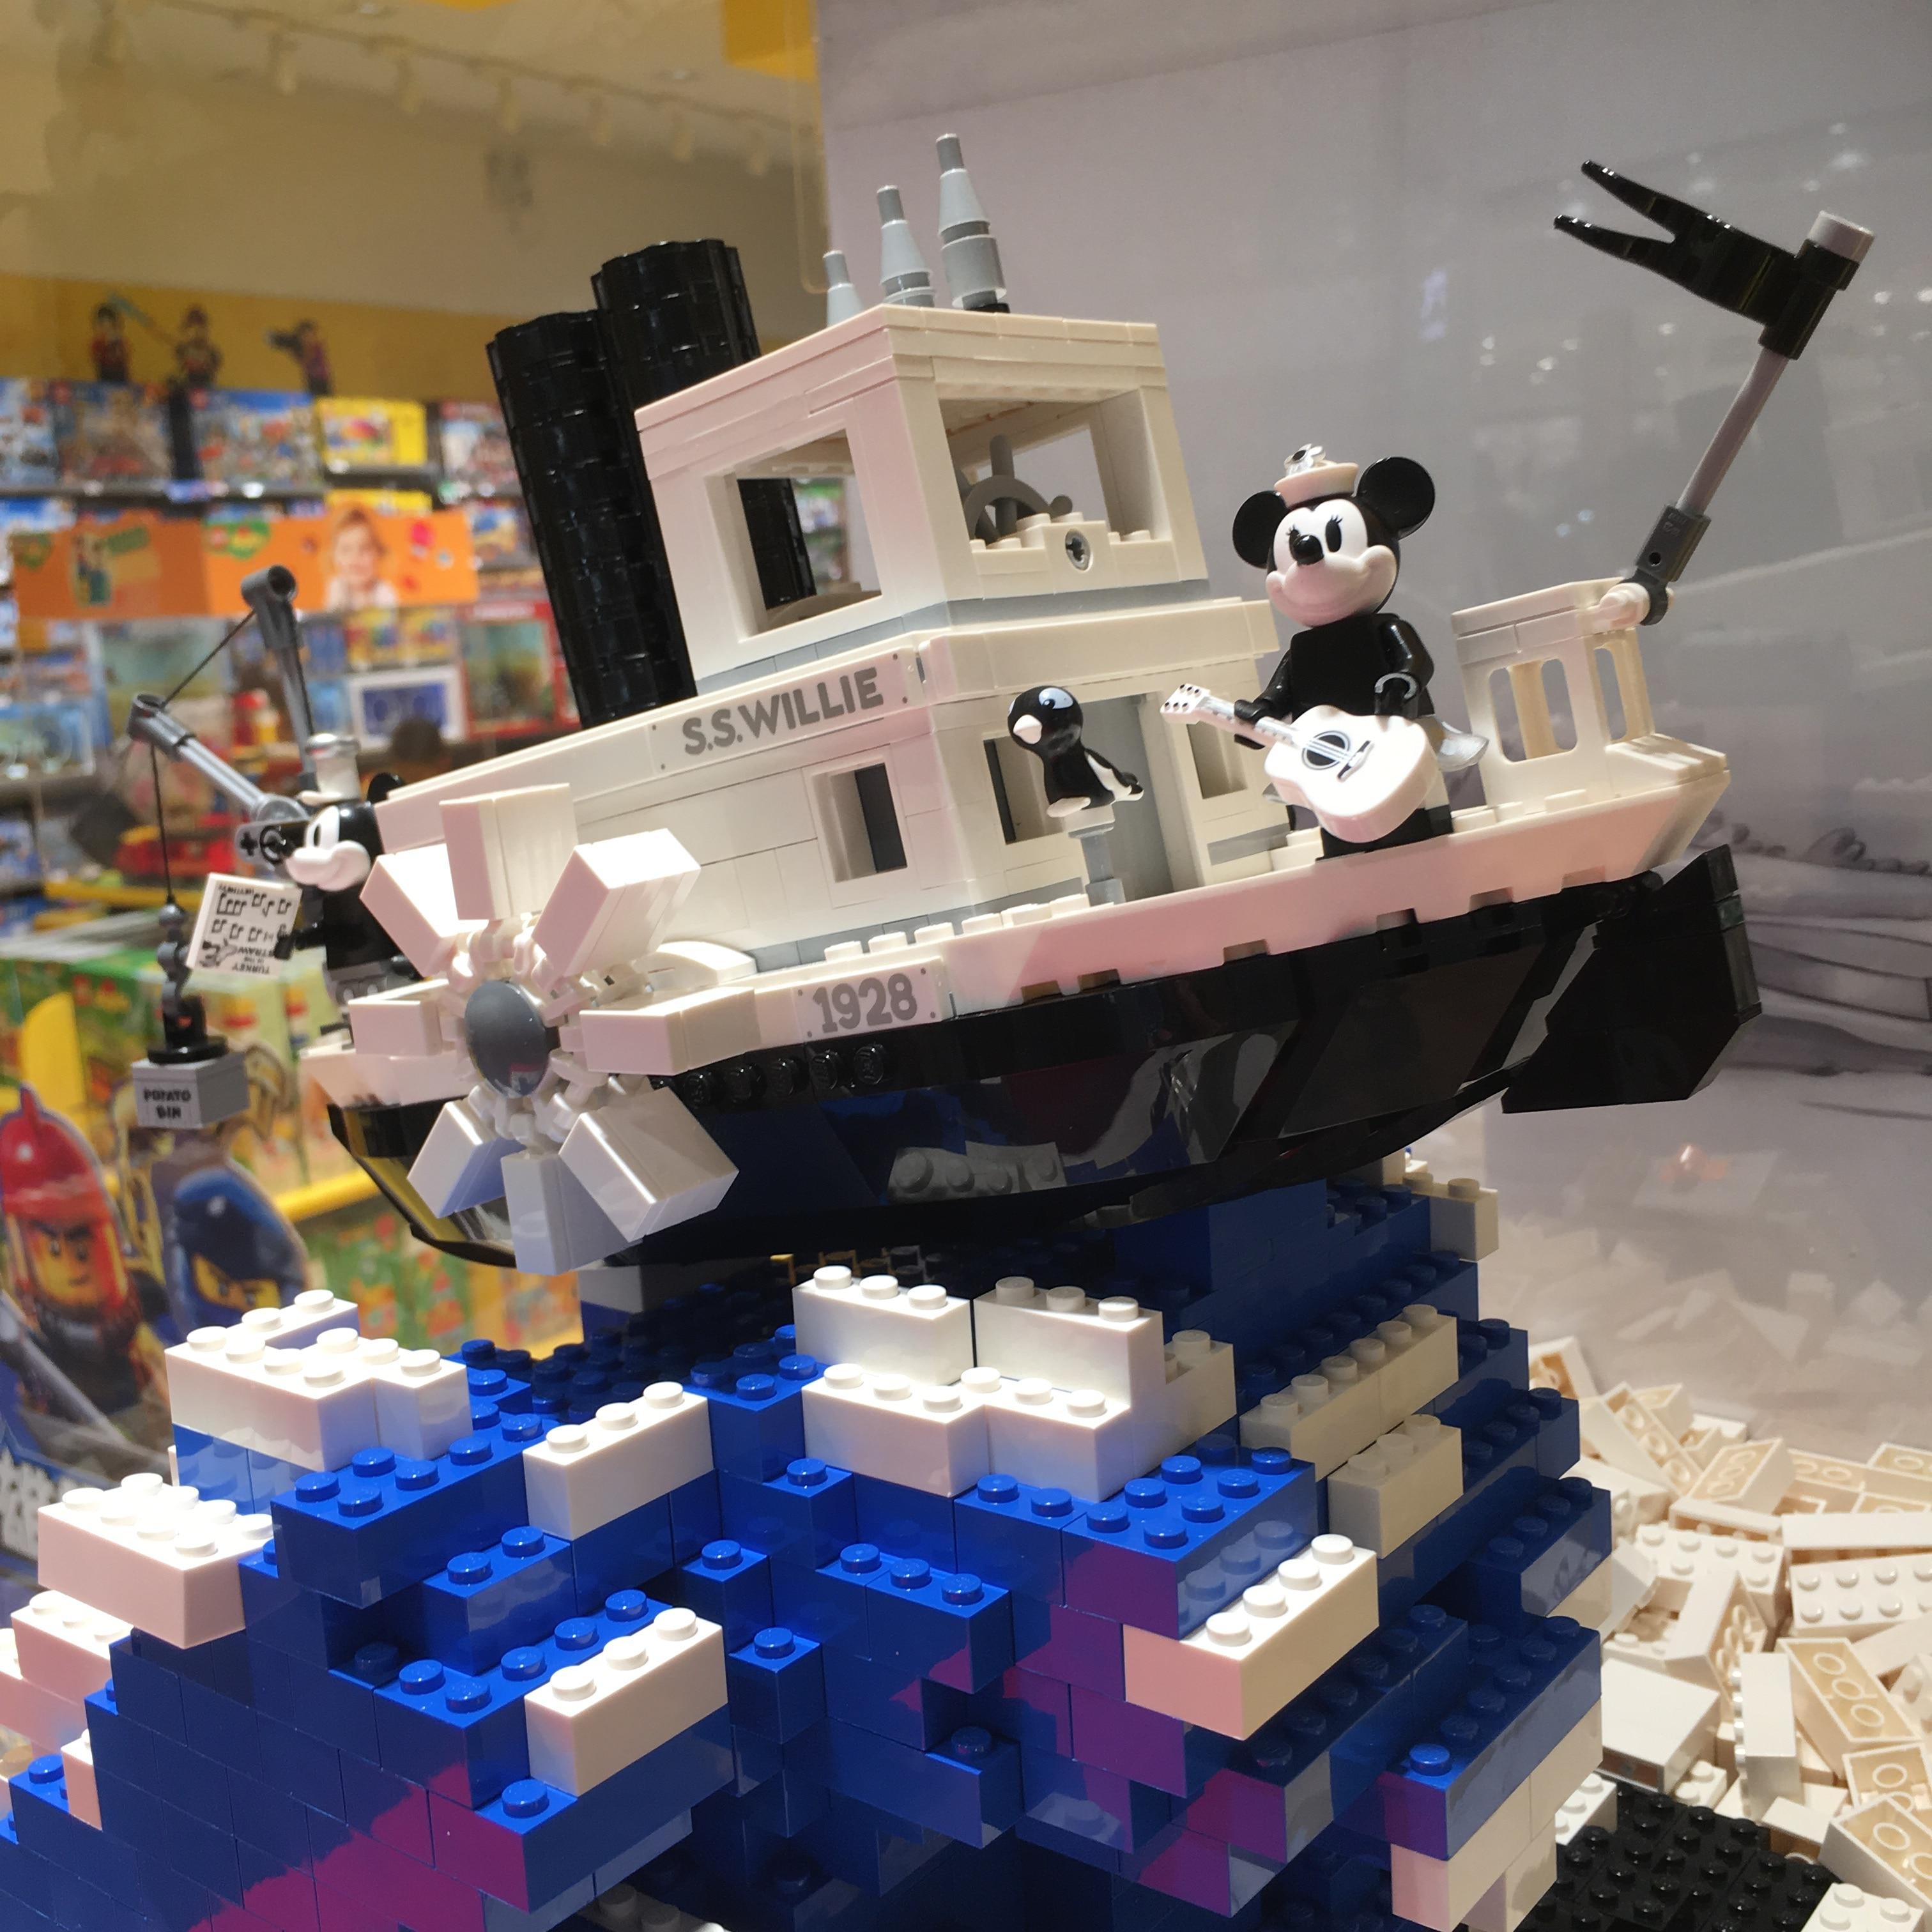 En stock 21317 idées Mickey Steamboat Willie dessin animé bateau à vapeur modèle de souris Compatible avec Legoing 21317 créateur de blocs de construction